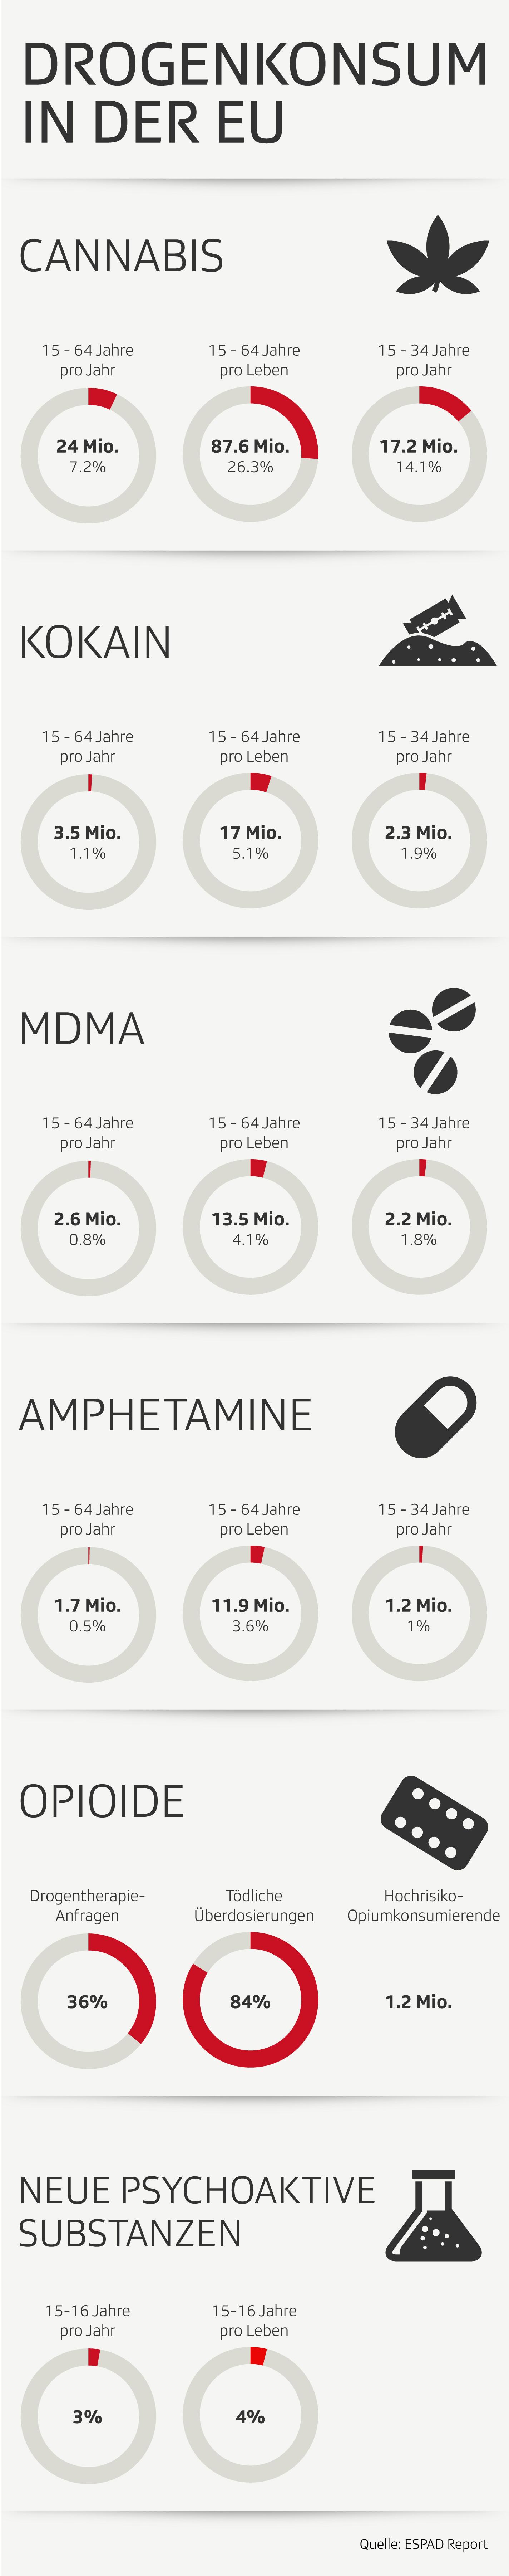 Schätzungen zum Drogenkonsum in der EU